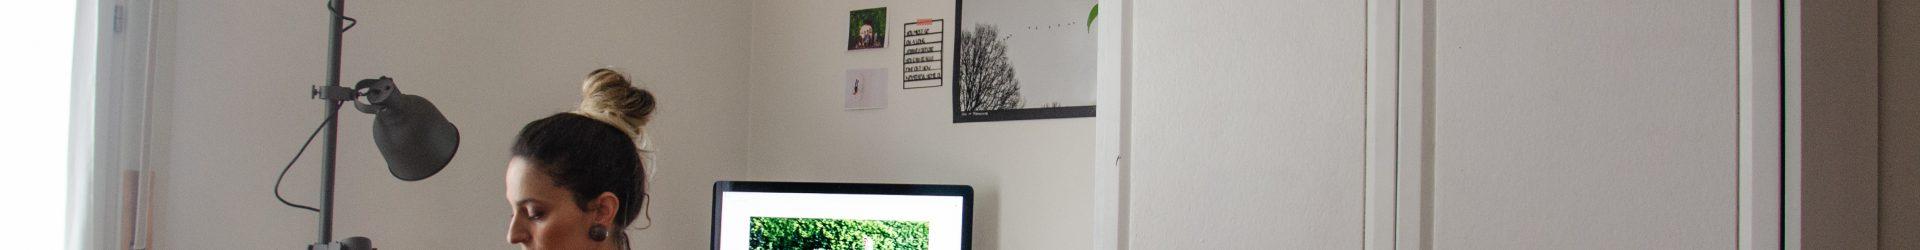 Il mio laboratorio artigianale Envelove HomeLab